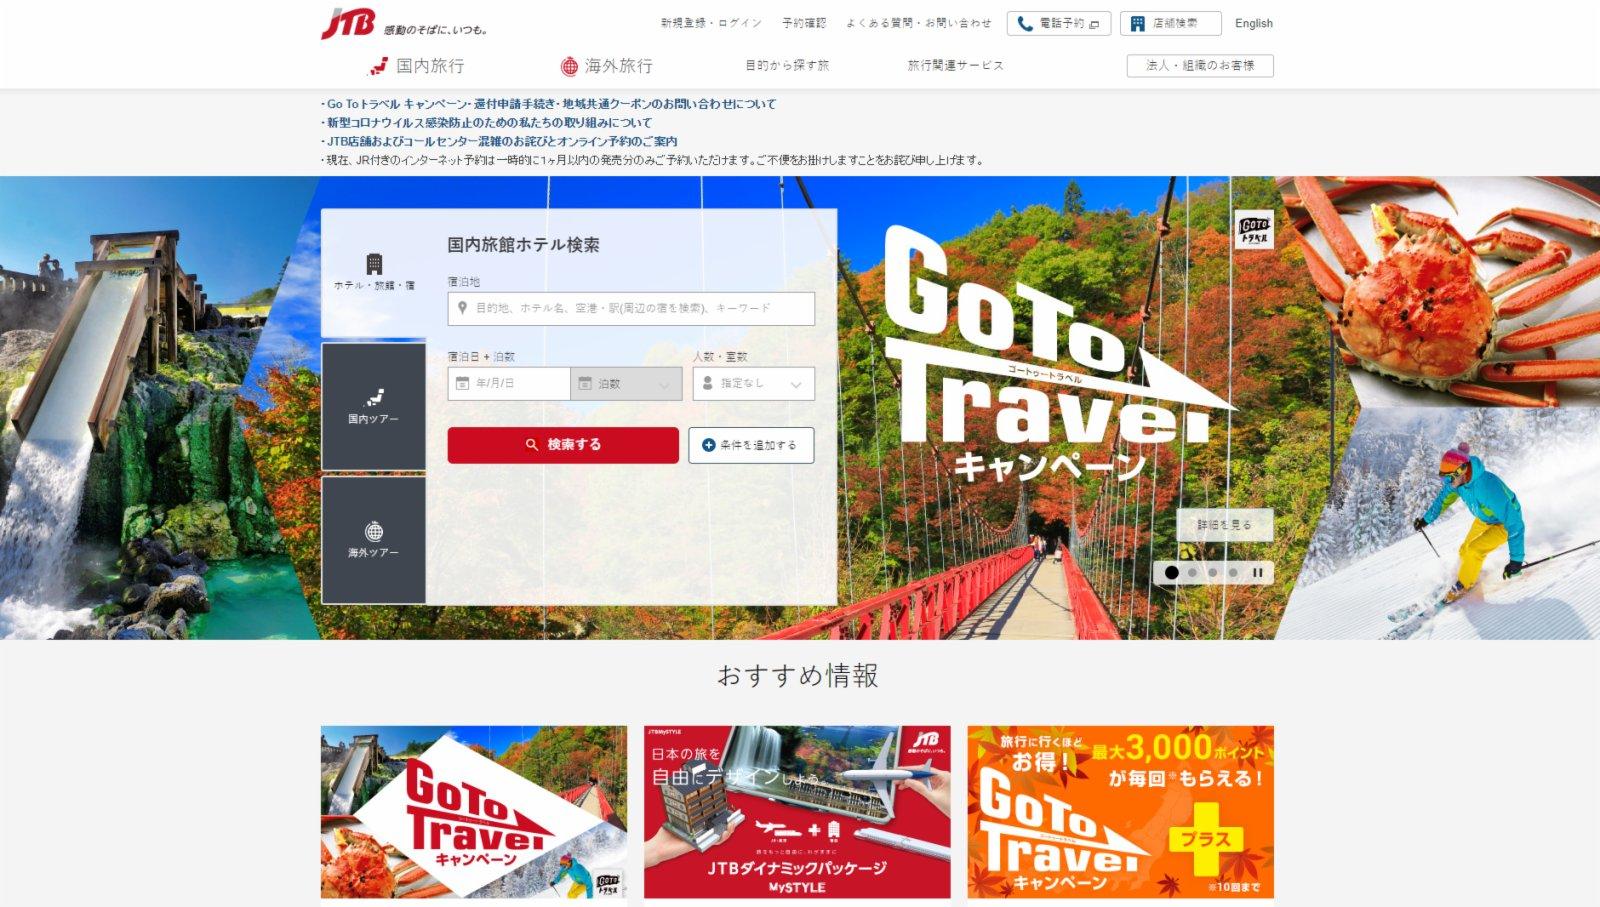 日本龍頭旅行社JTB宣布裁員6500人